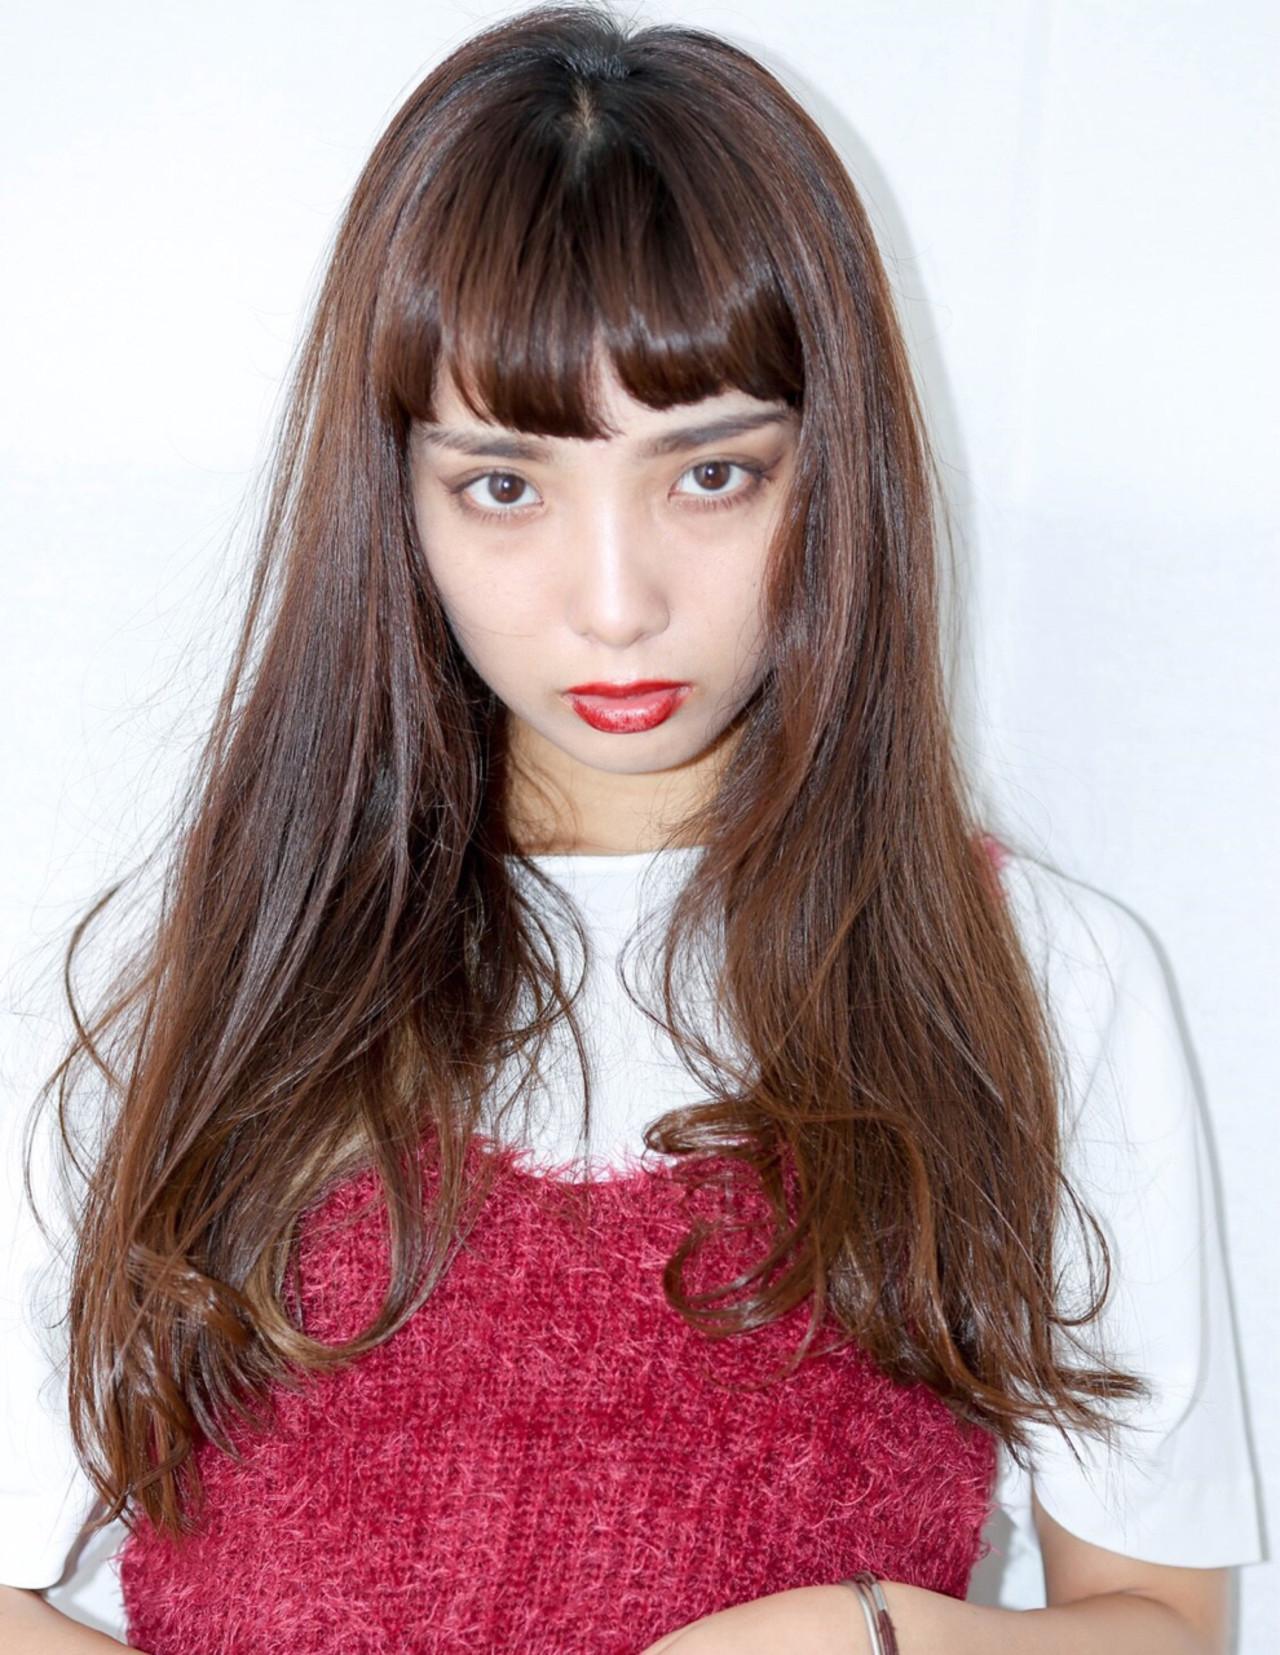 モード 小顔 アンニュイ ロング ヘアスタイルや髪型の写真・画像